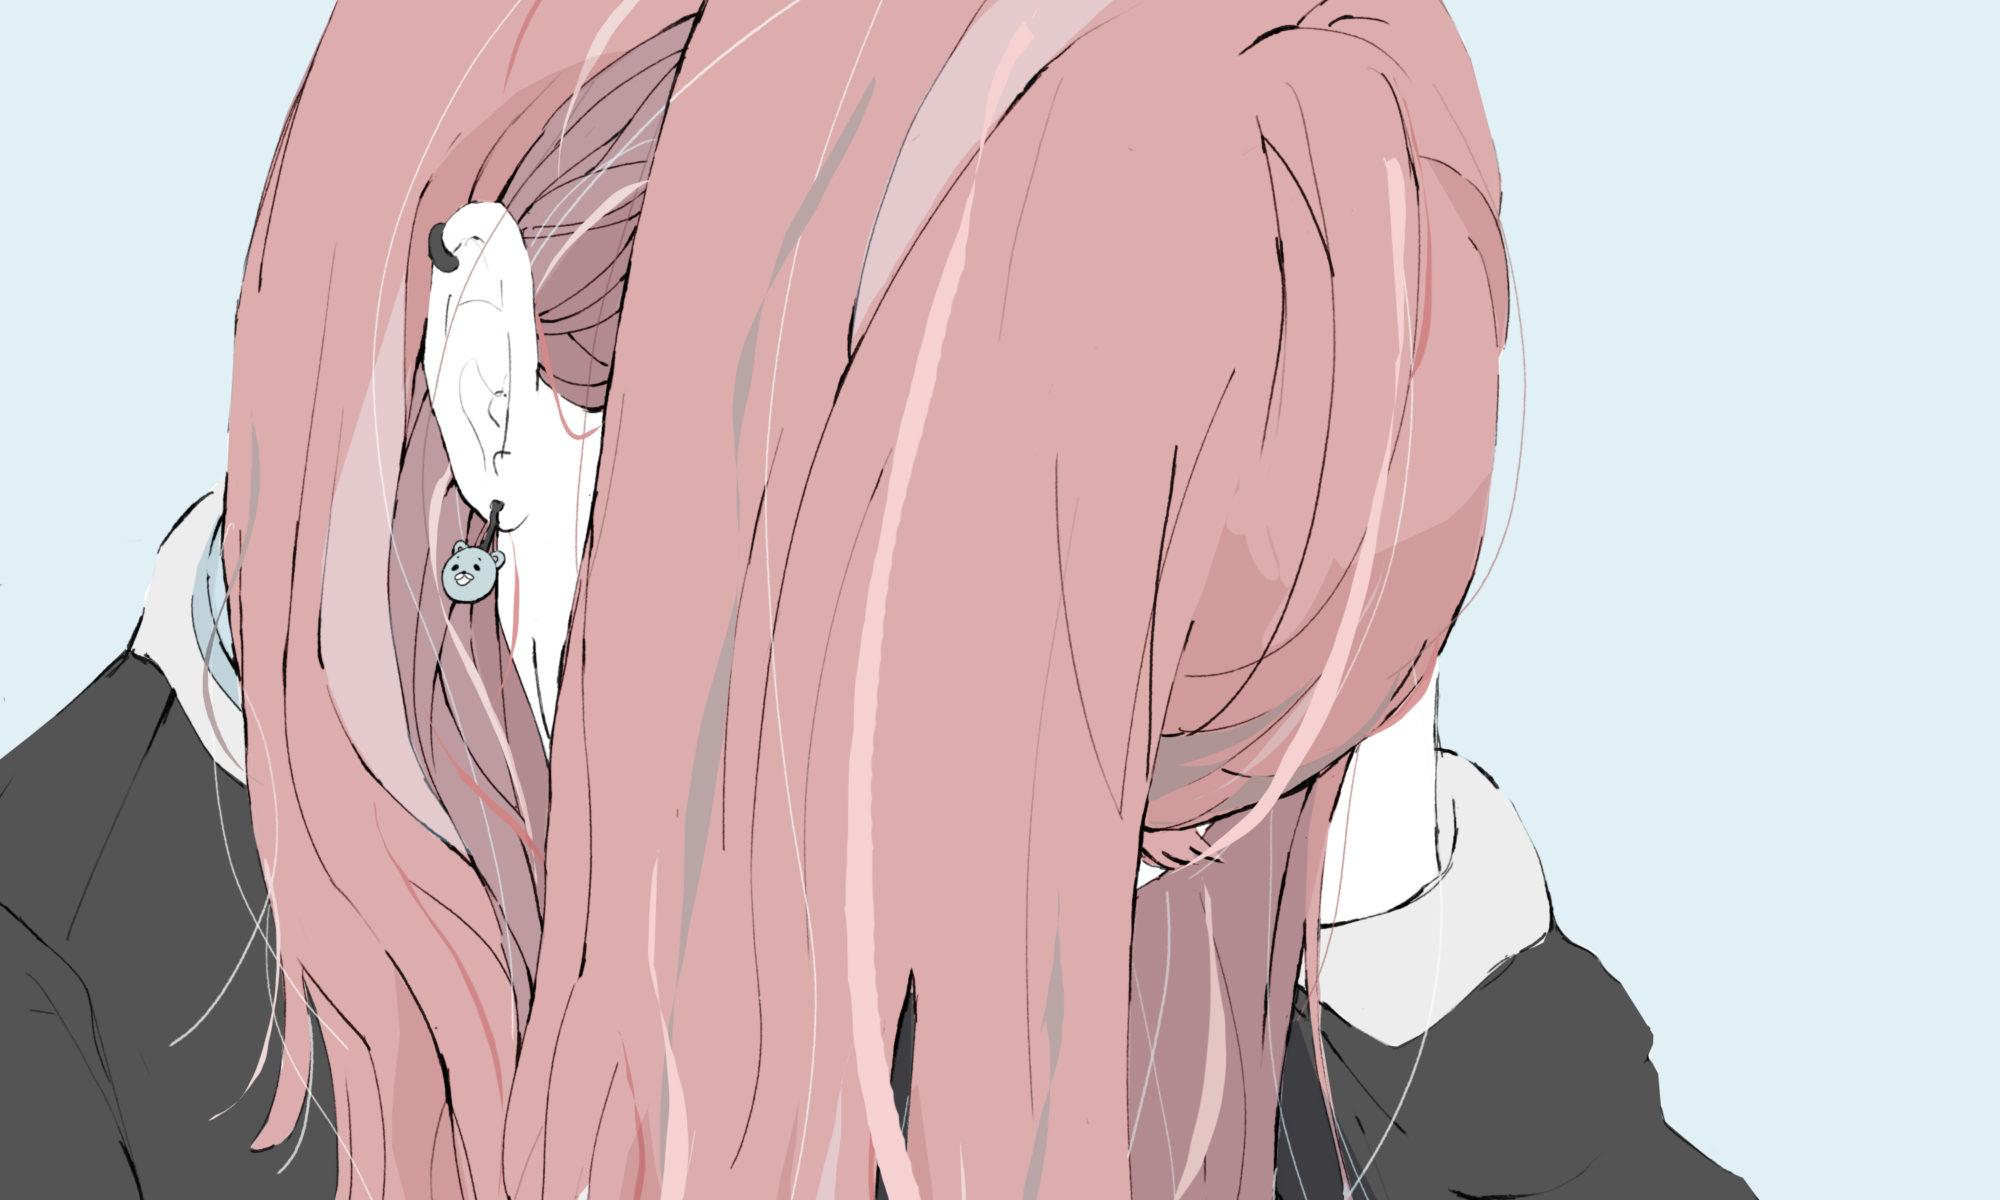 髪の毛 ピアス 女の子 フリーイラスト